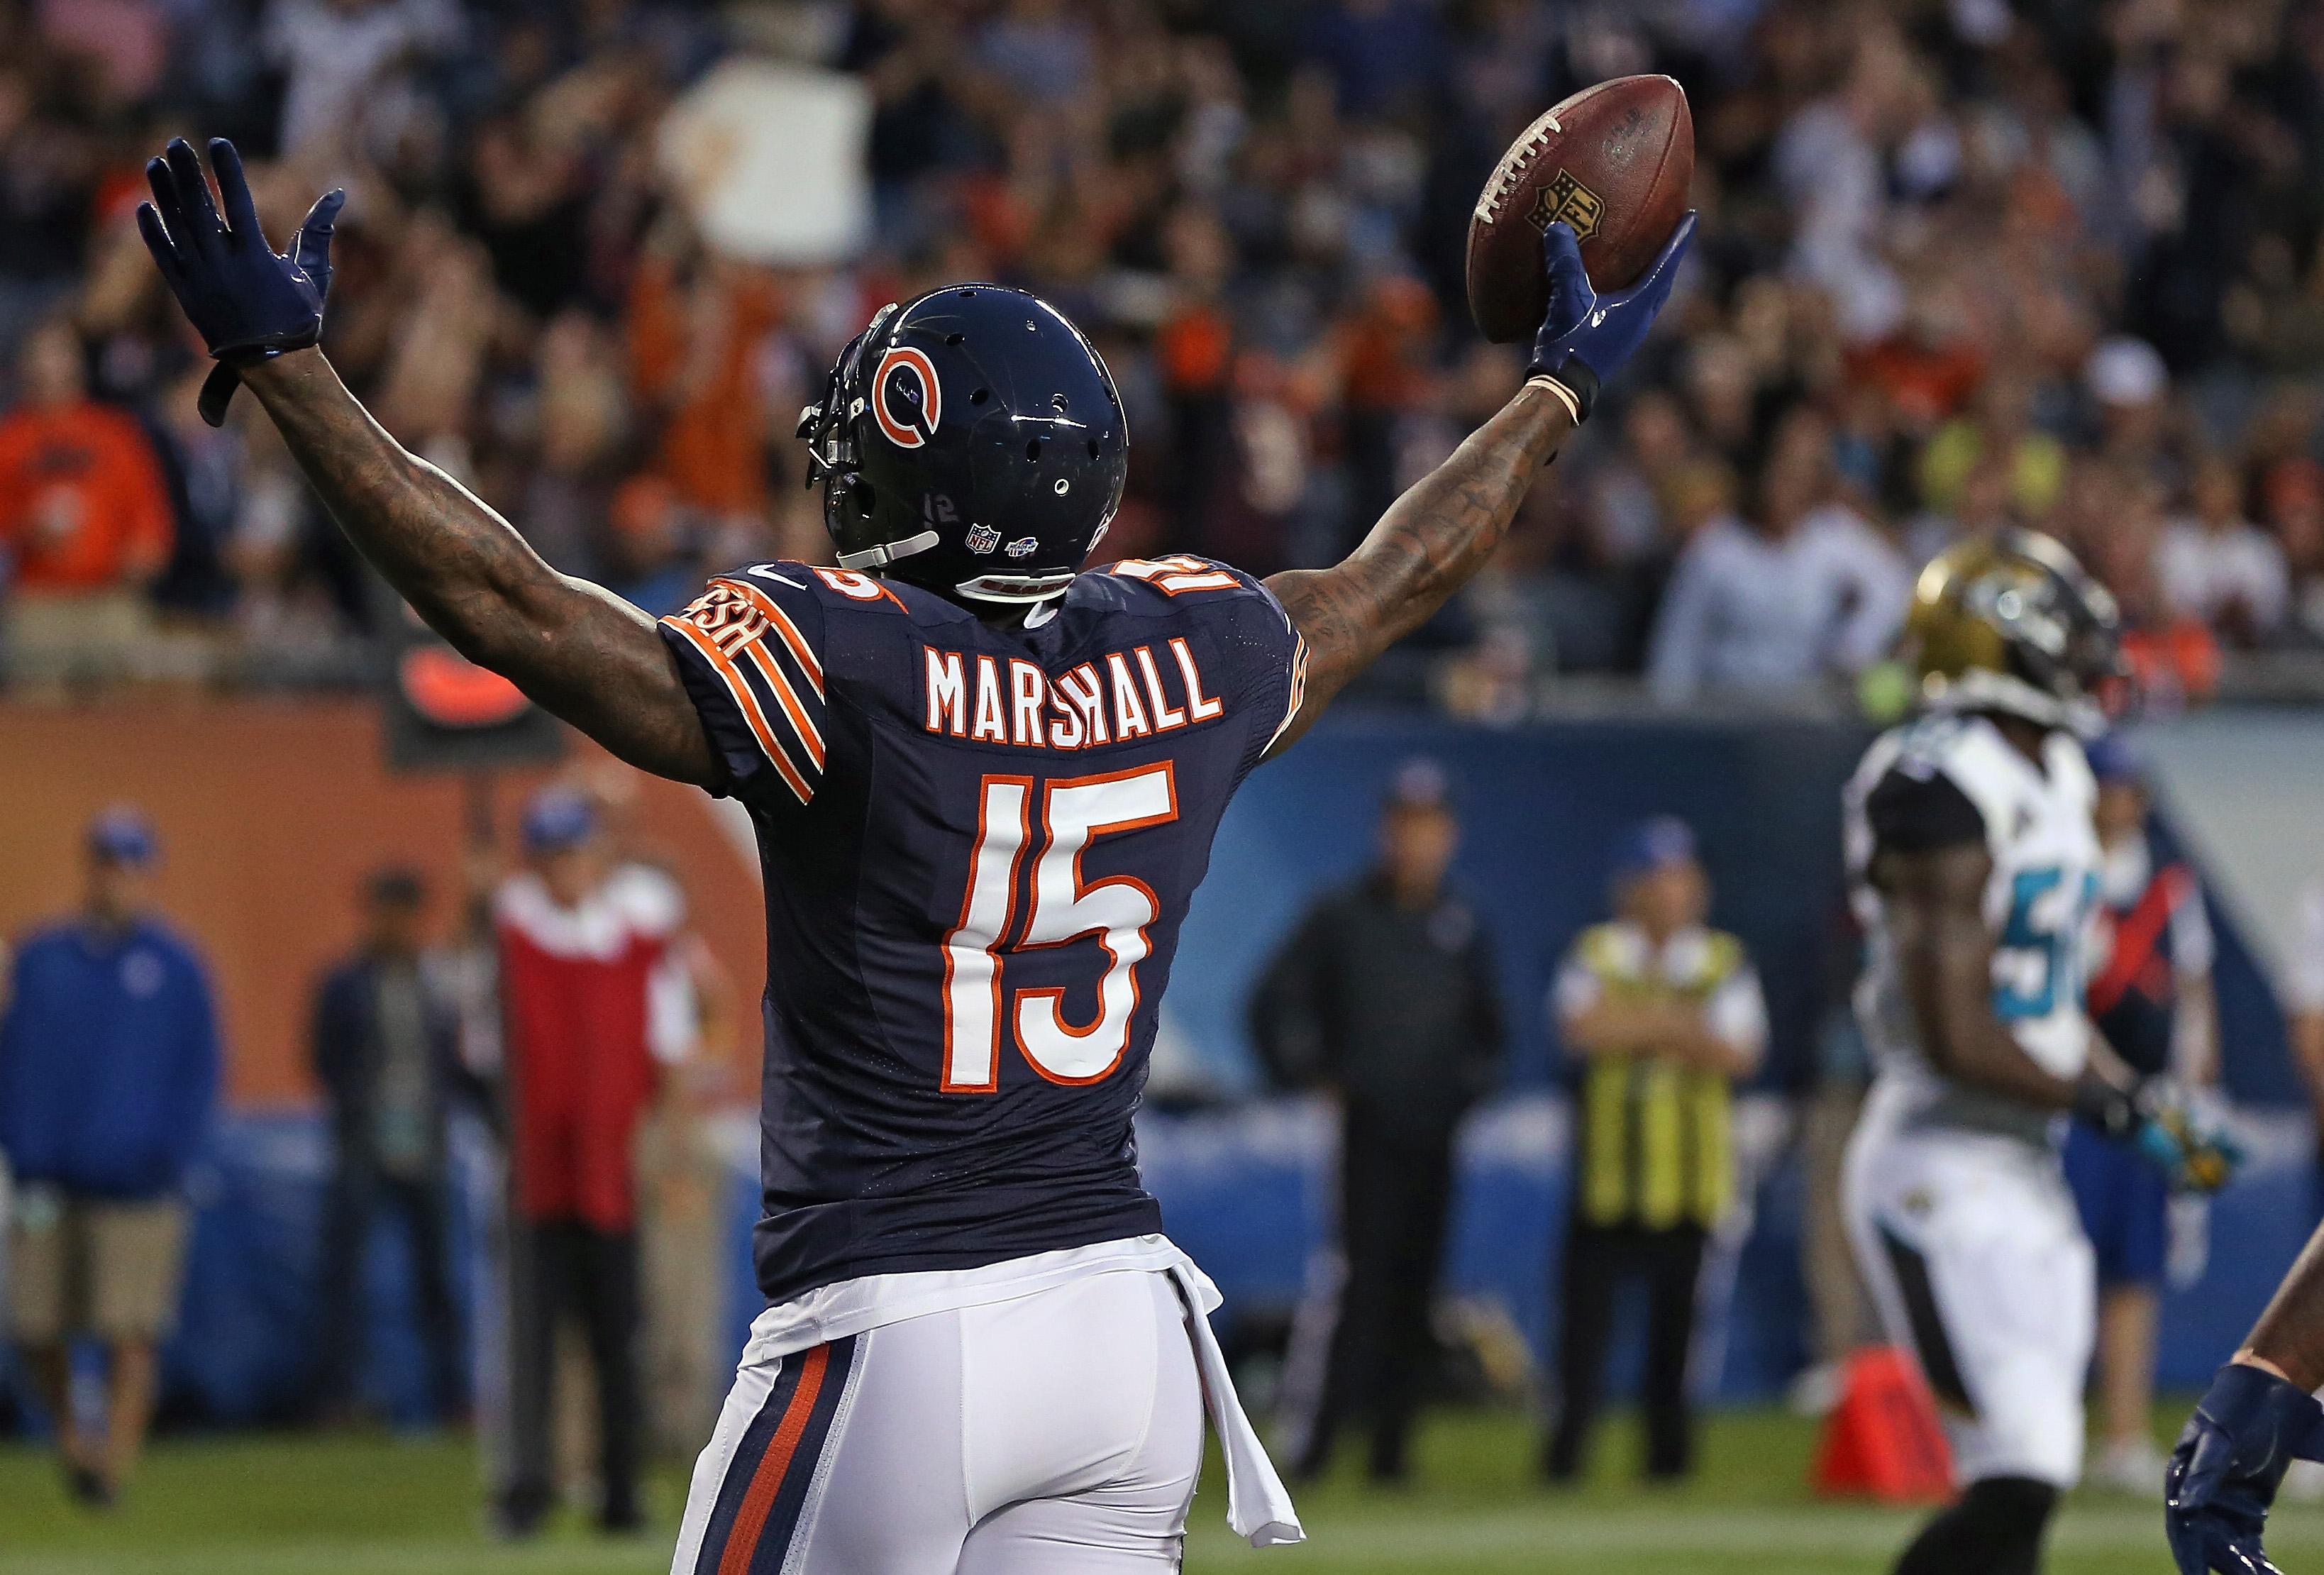 Brandon Marhsall touchdown